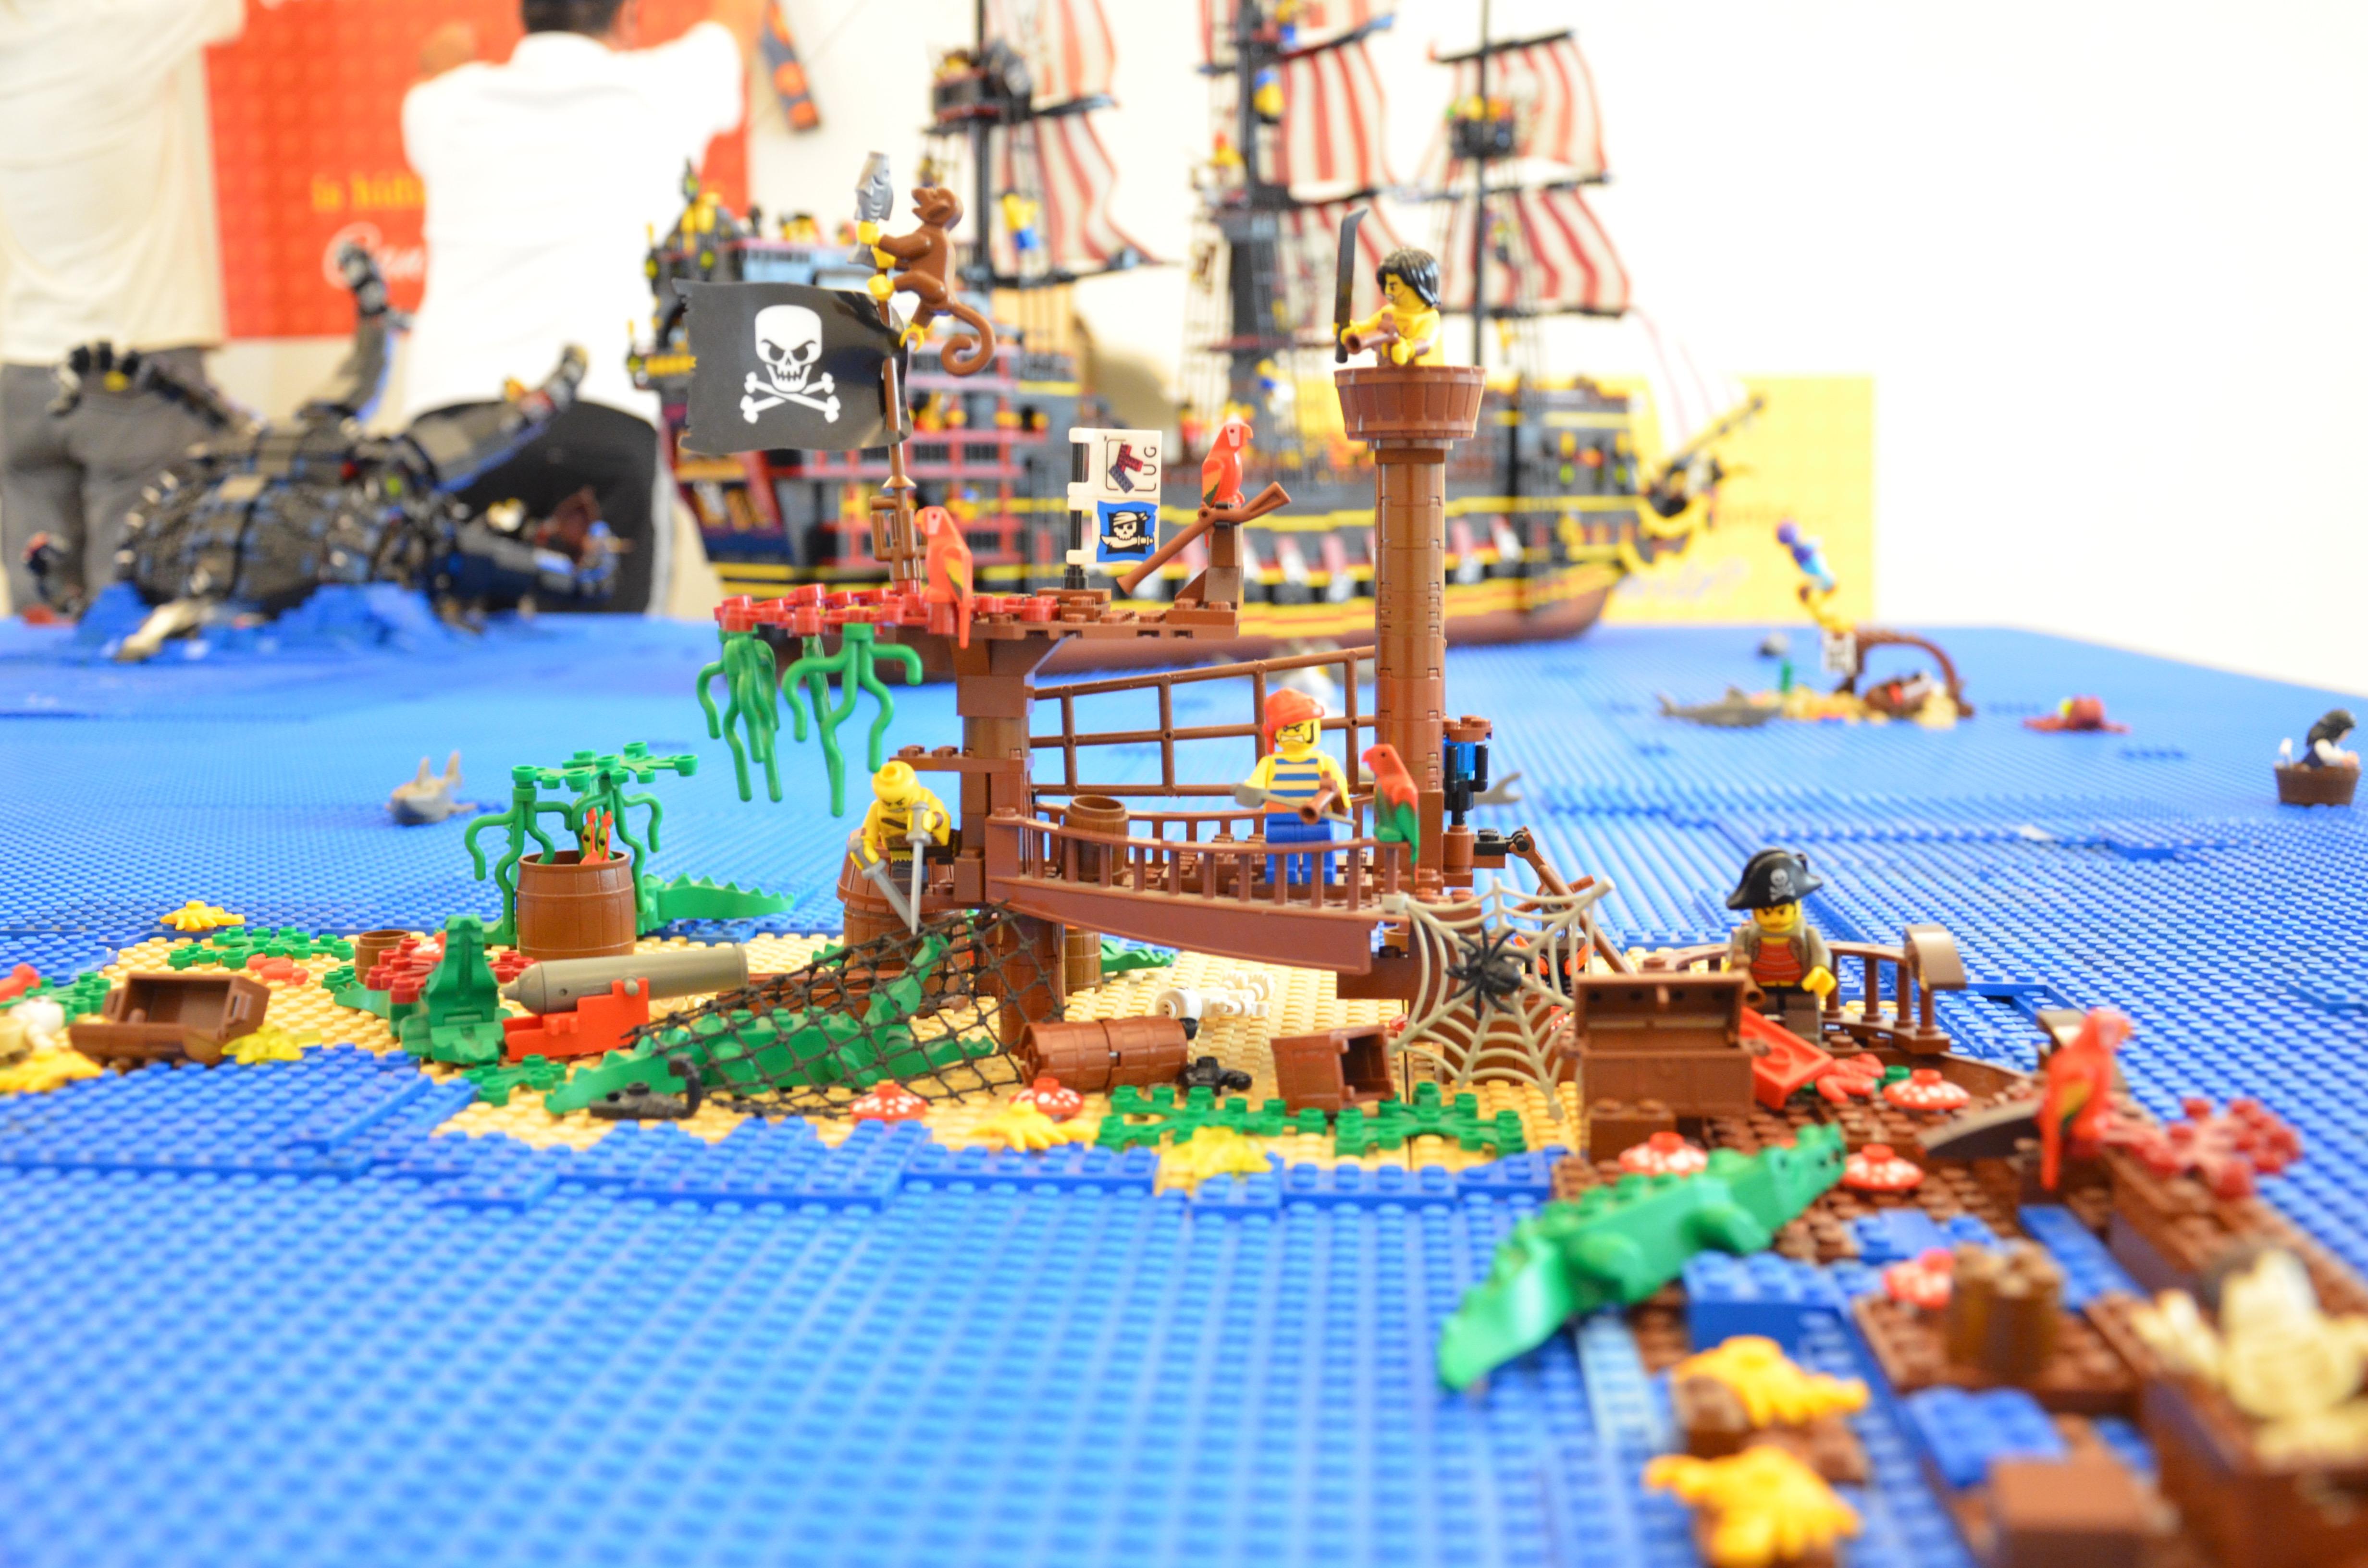 """la mostra""""I Love LEGO"""", occasione imperdibile per immergersi in un'atmosfera magica e divertente, che ha come protagonista i """"mattoncini prodigiosi"""""""